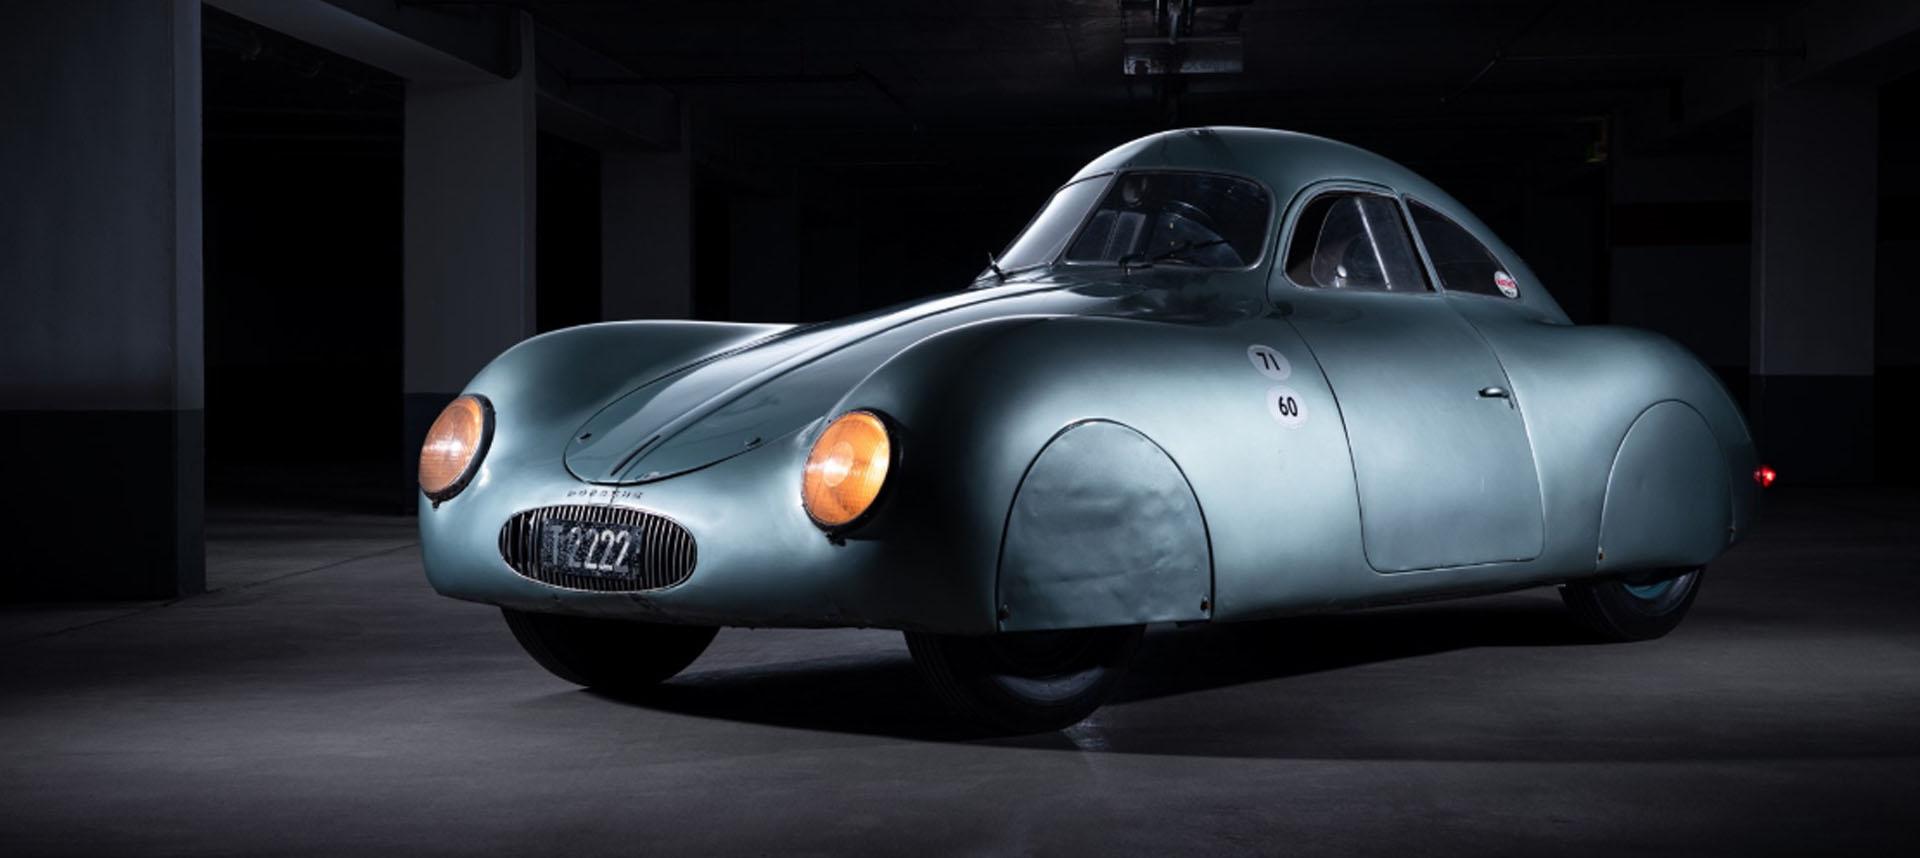 Chiếc Porsche cổ 'độc nhất vô nhị' này được định giá đắt nhất thế giới 01